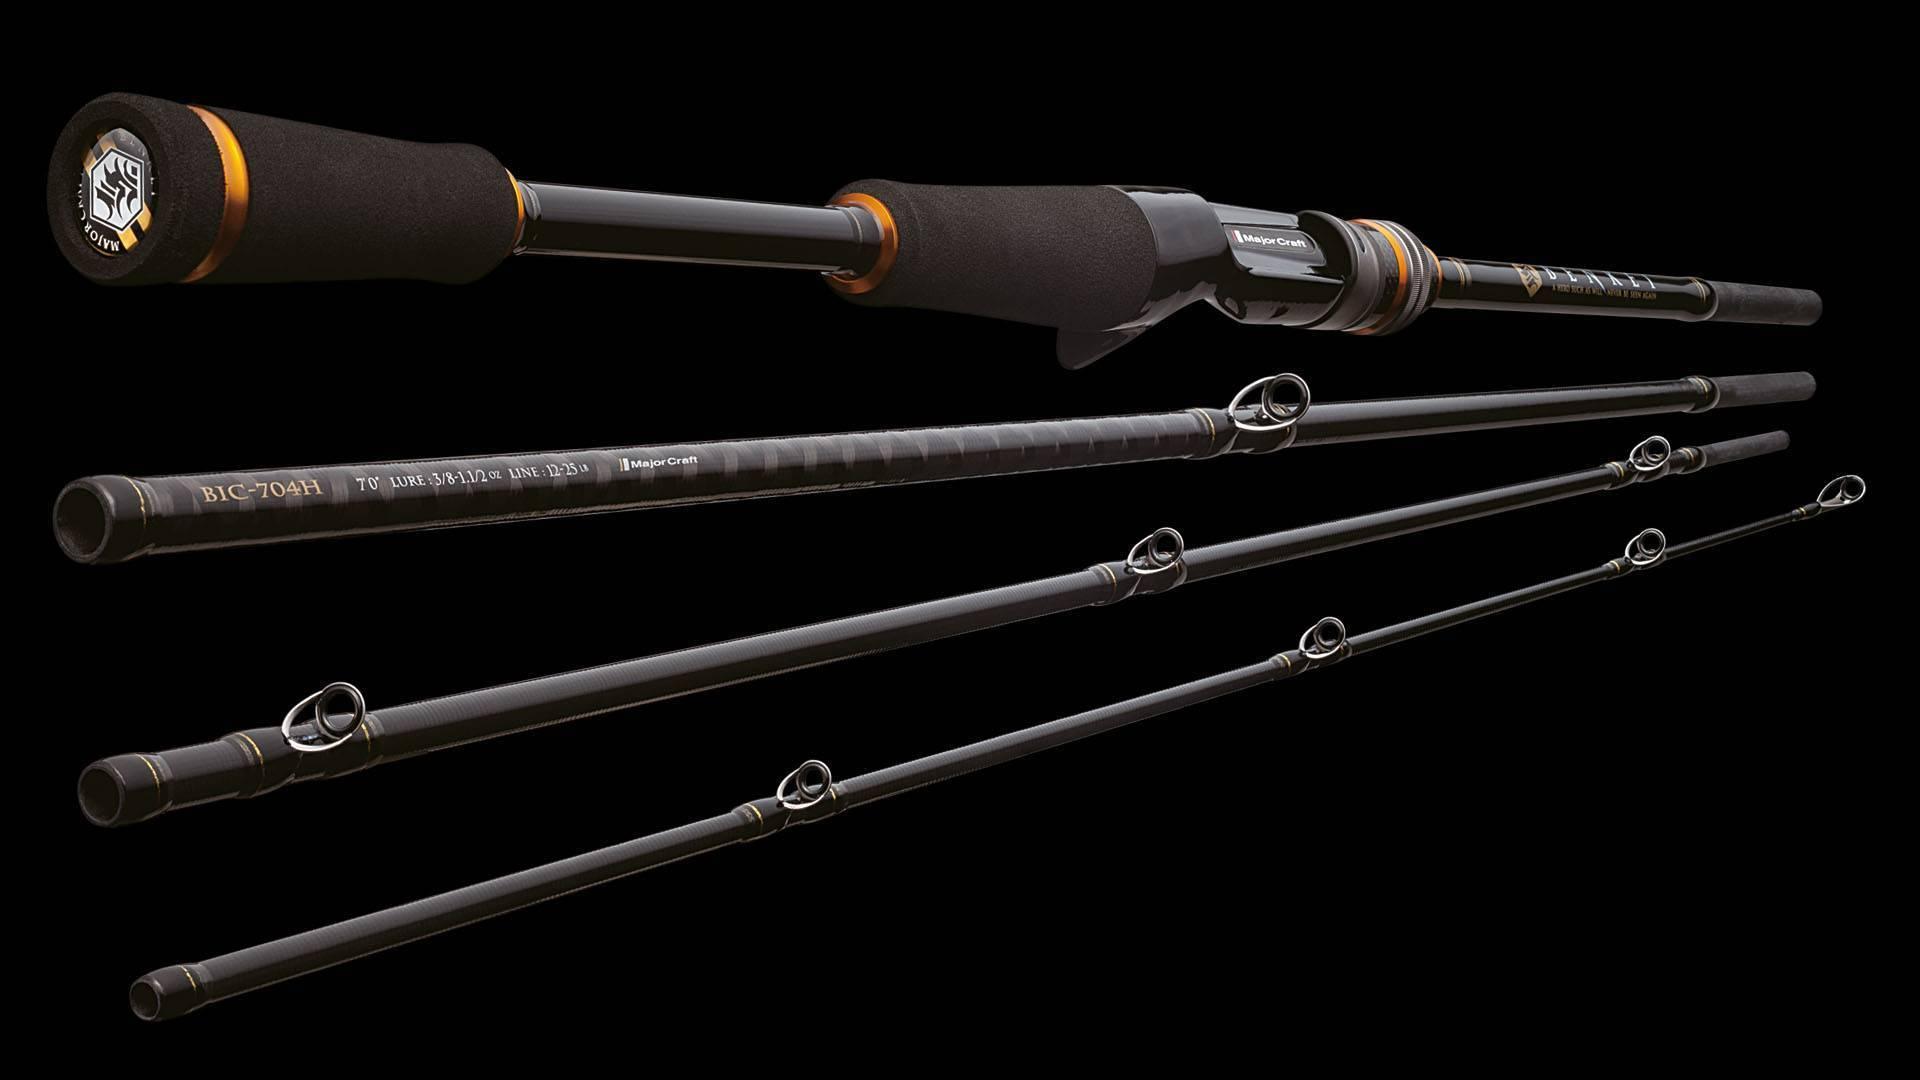 Как правильно выбрать удочку для рыбалки по длине и другим параметрам? выбор фидерной, маховой удочки